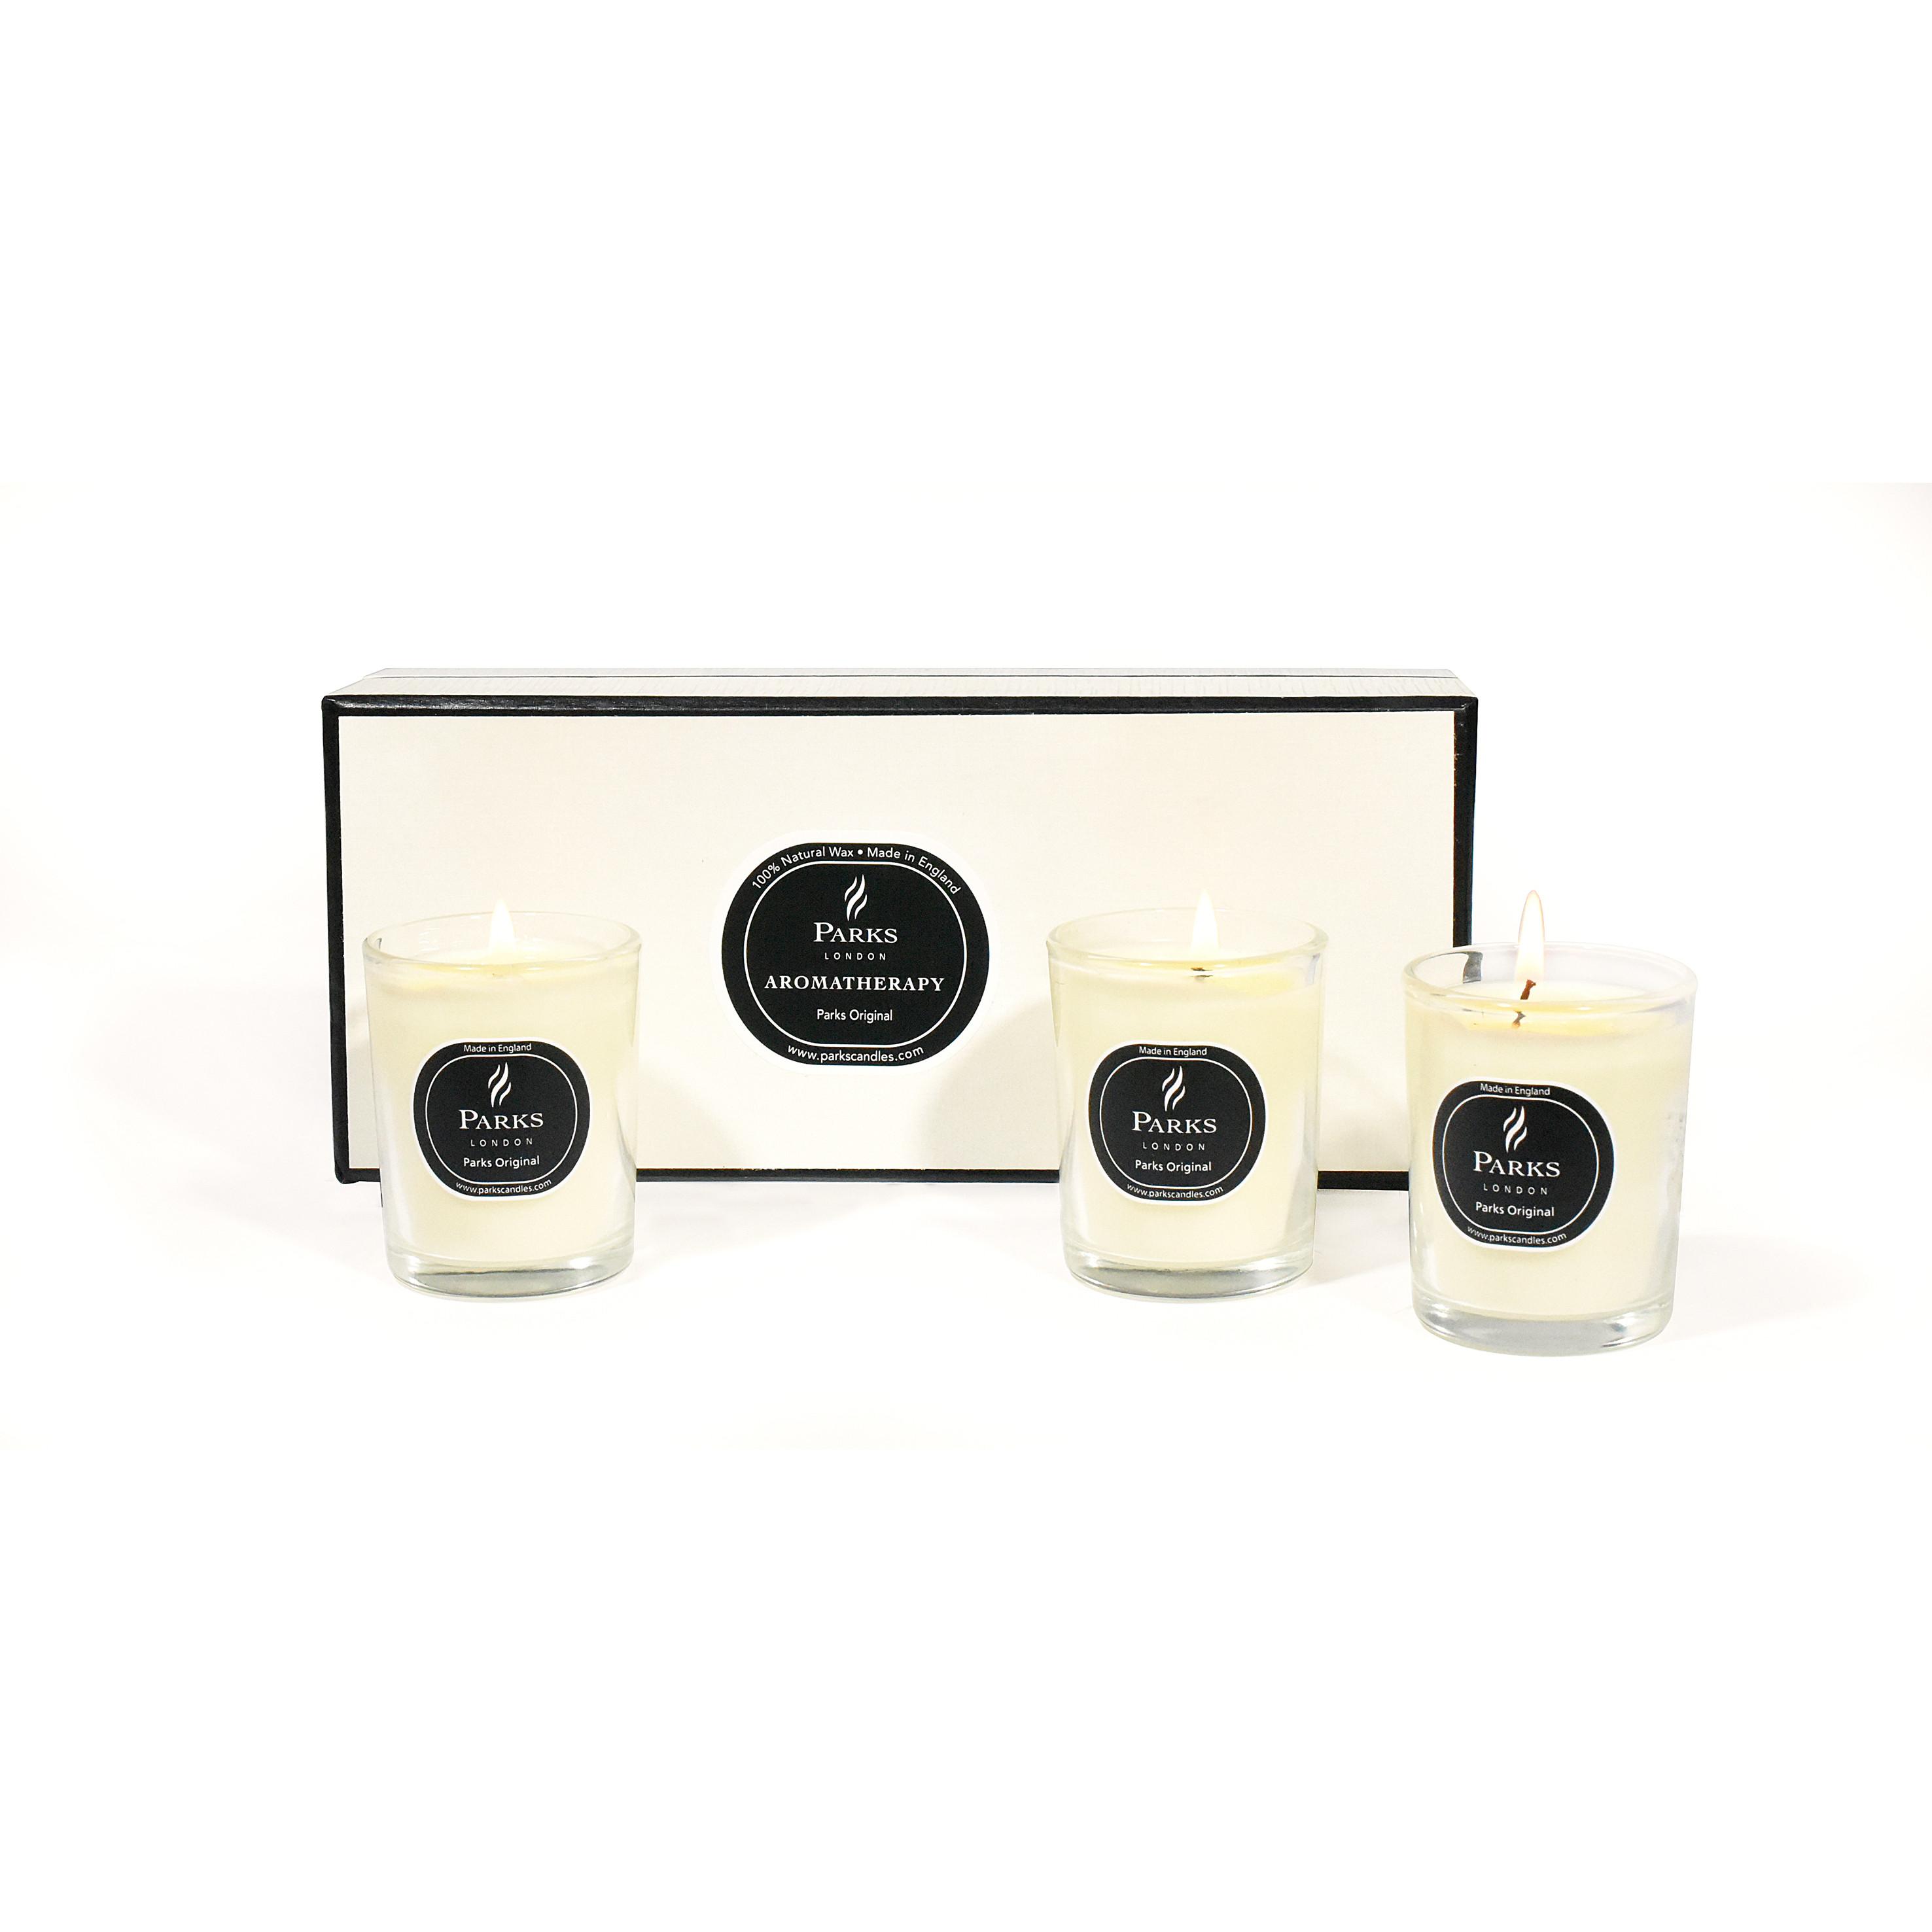 Bougie Parfumée Set de 6 Parks Original - Vanille, Patchouli & Lavande